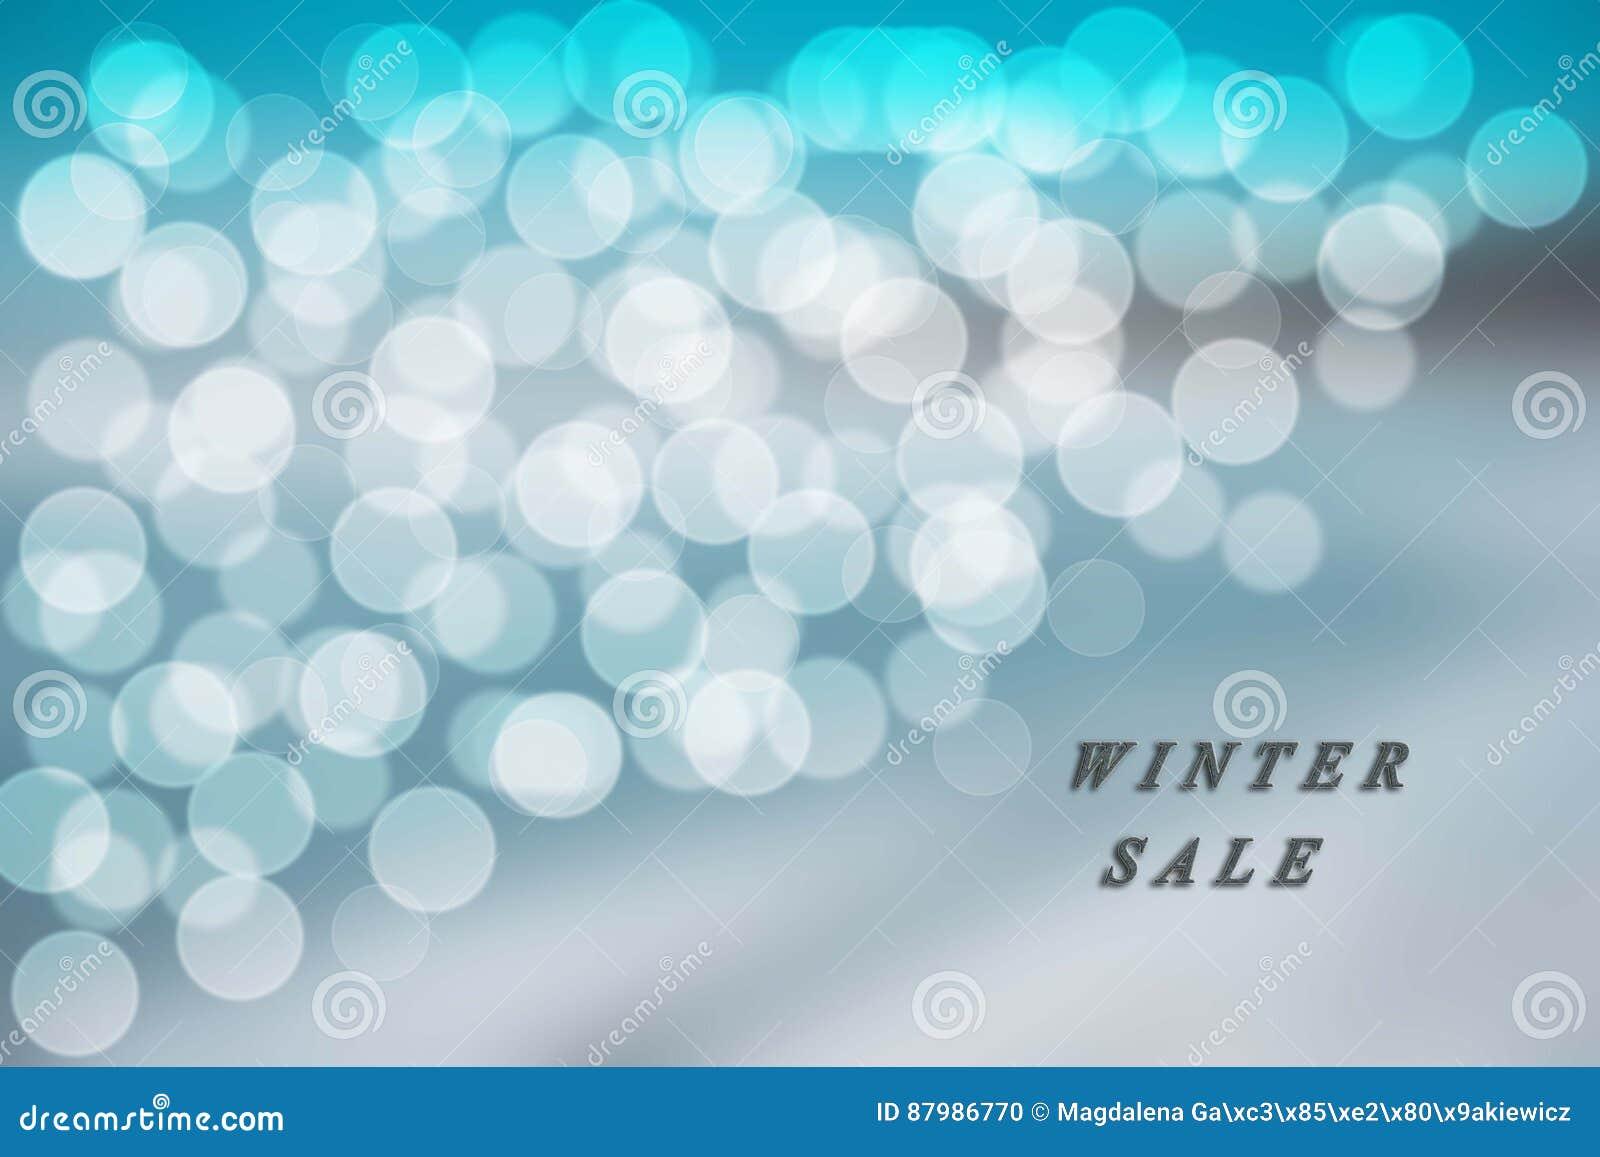 Blå och vit bokehbakgrund på den blåa vinterförsäljningen